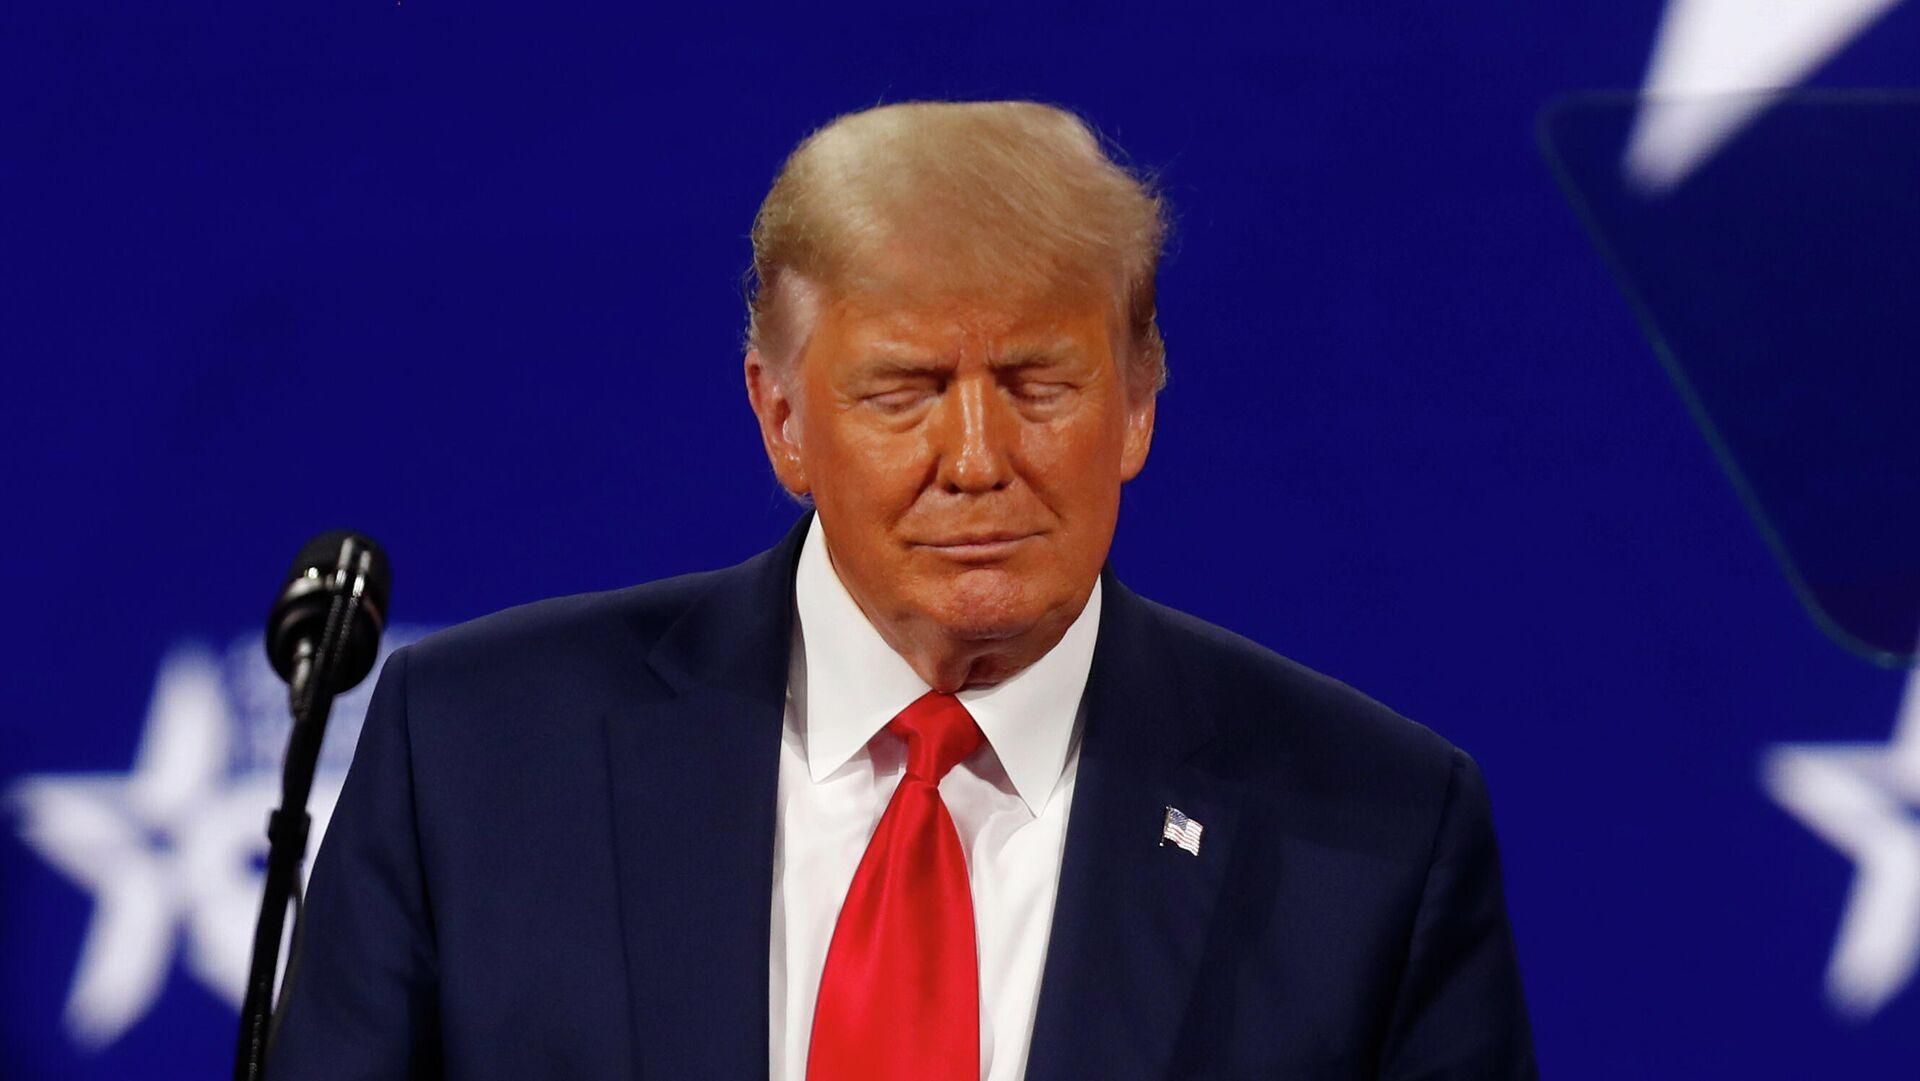 Бывший президент США Дональд Трамп - РИА Новости, 1920, 01.03.2021